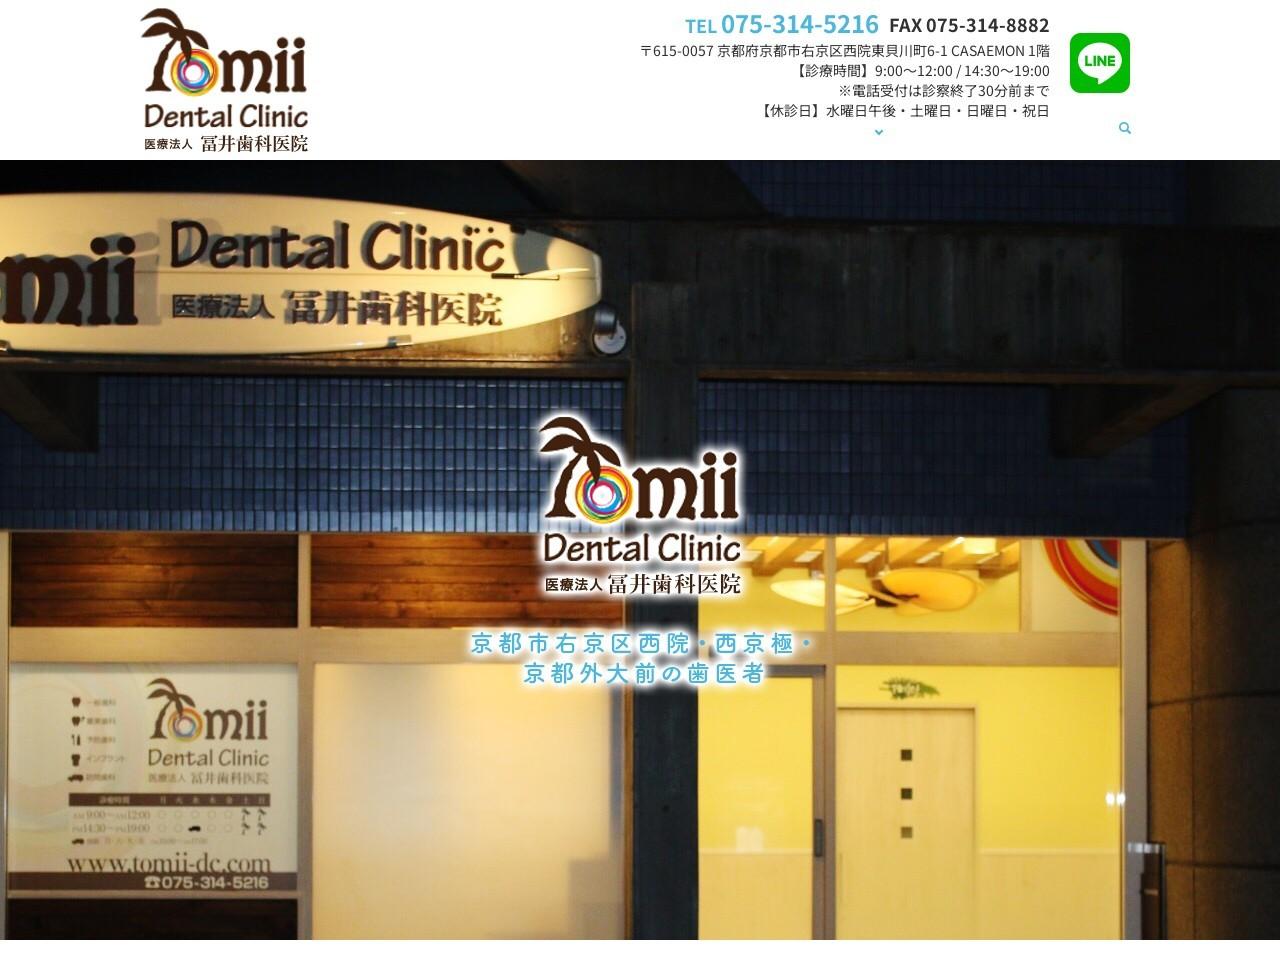 富井忠歯科医院 (京都府京都市右京区)